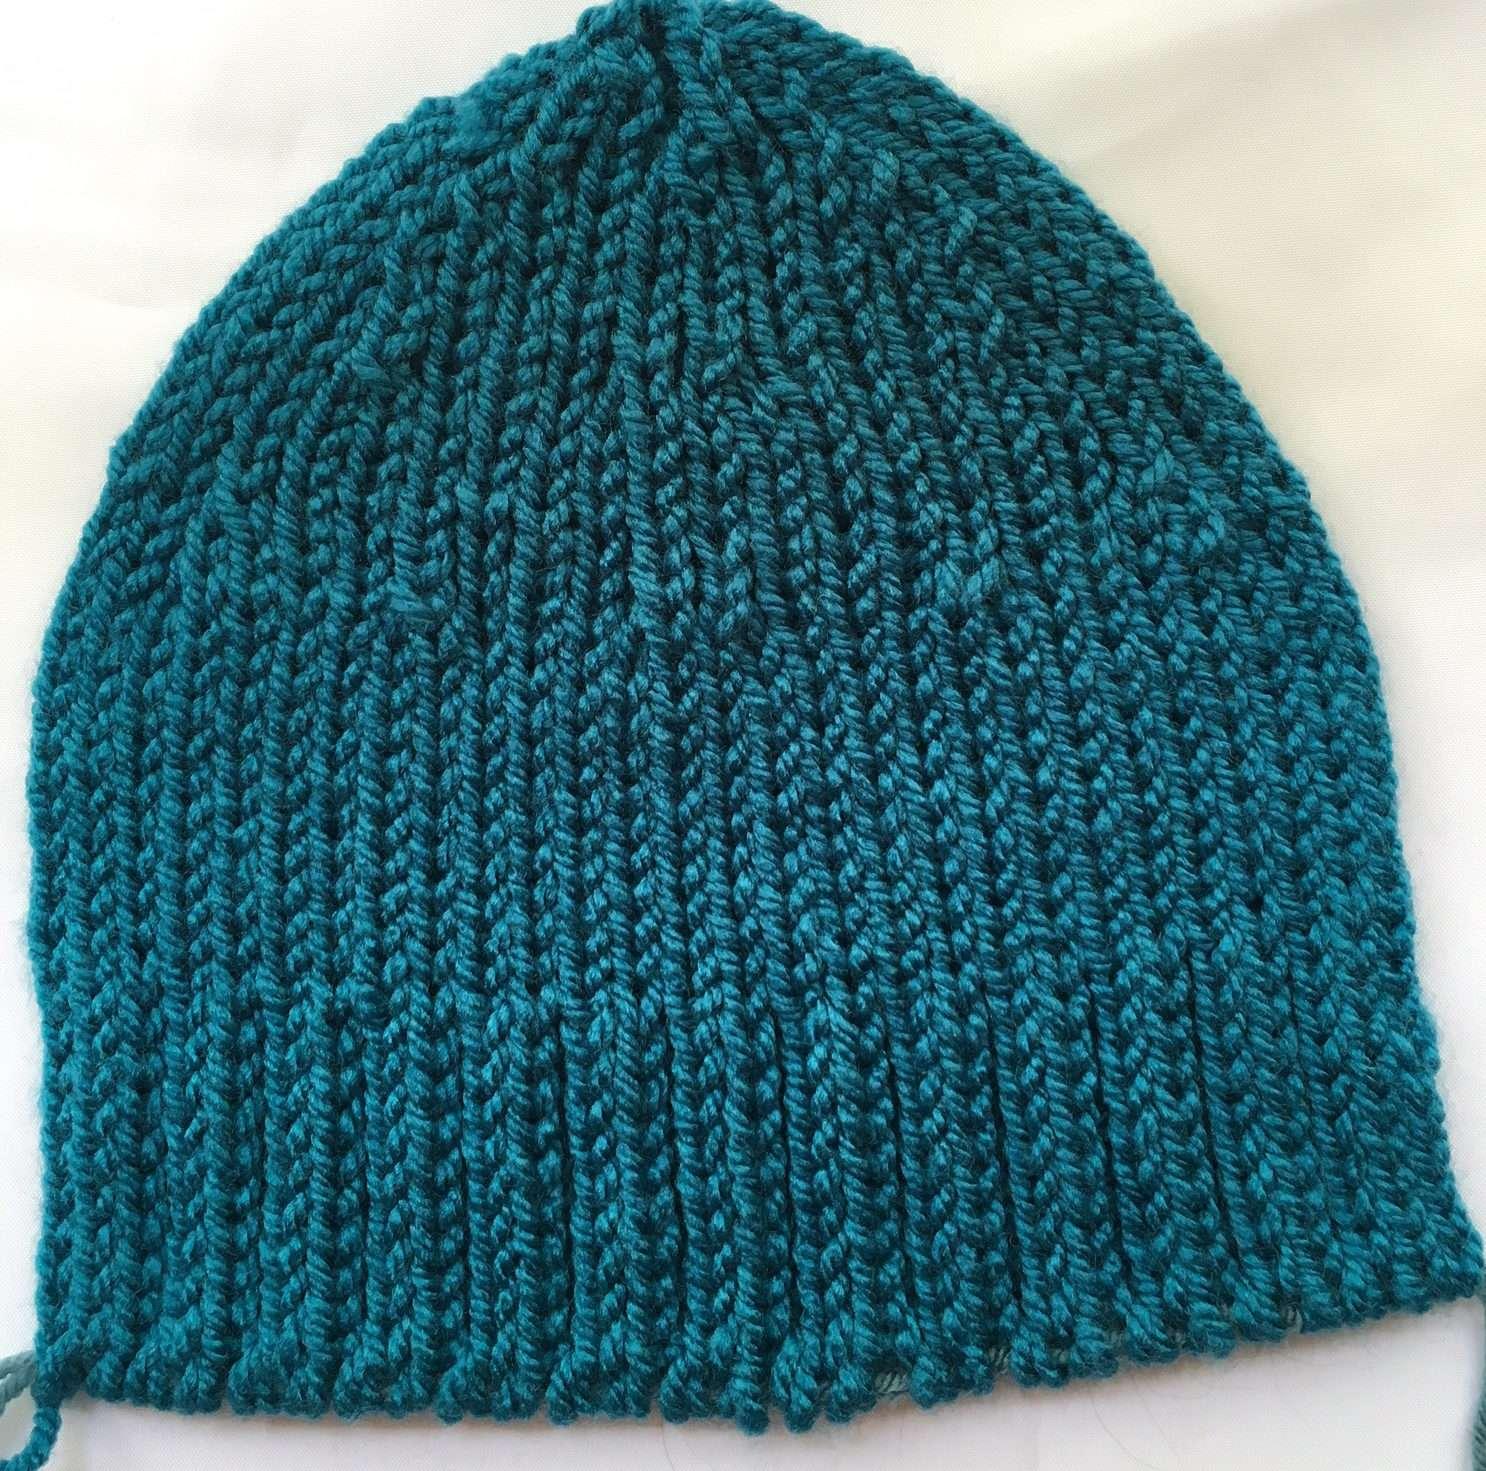 hat front 2